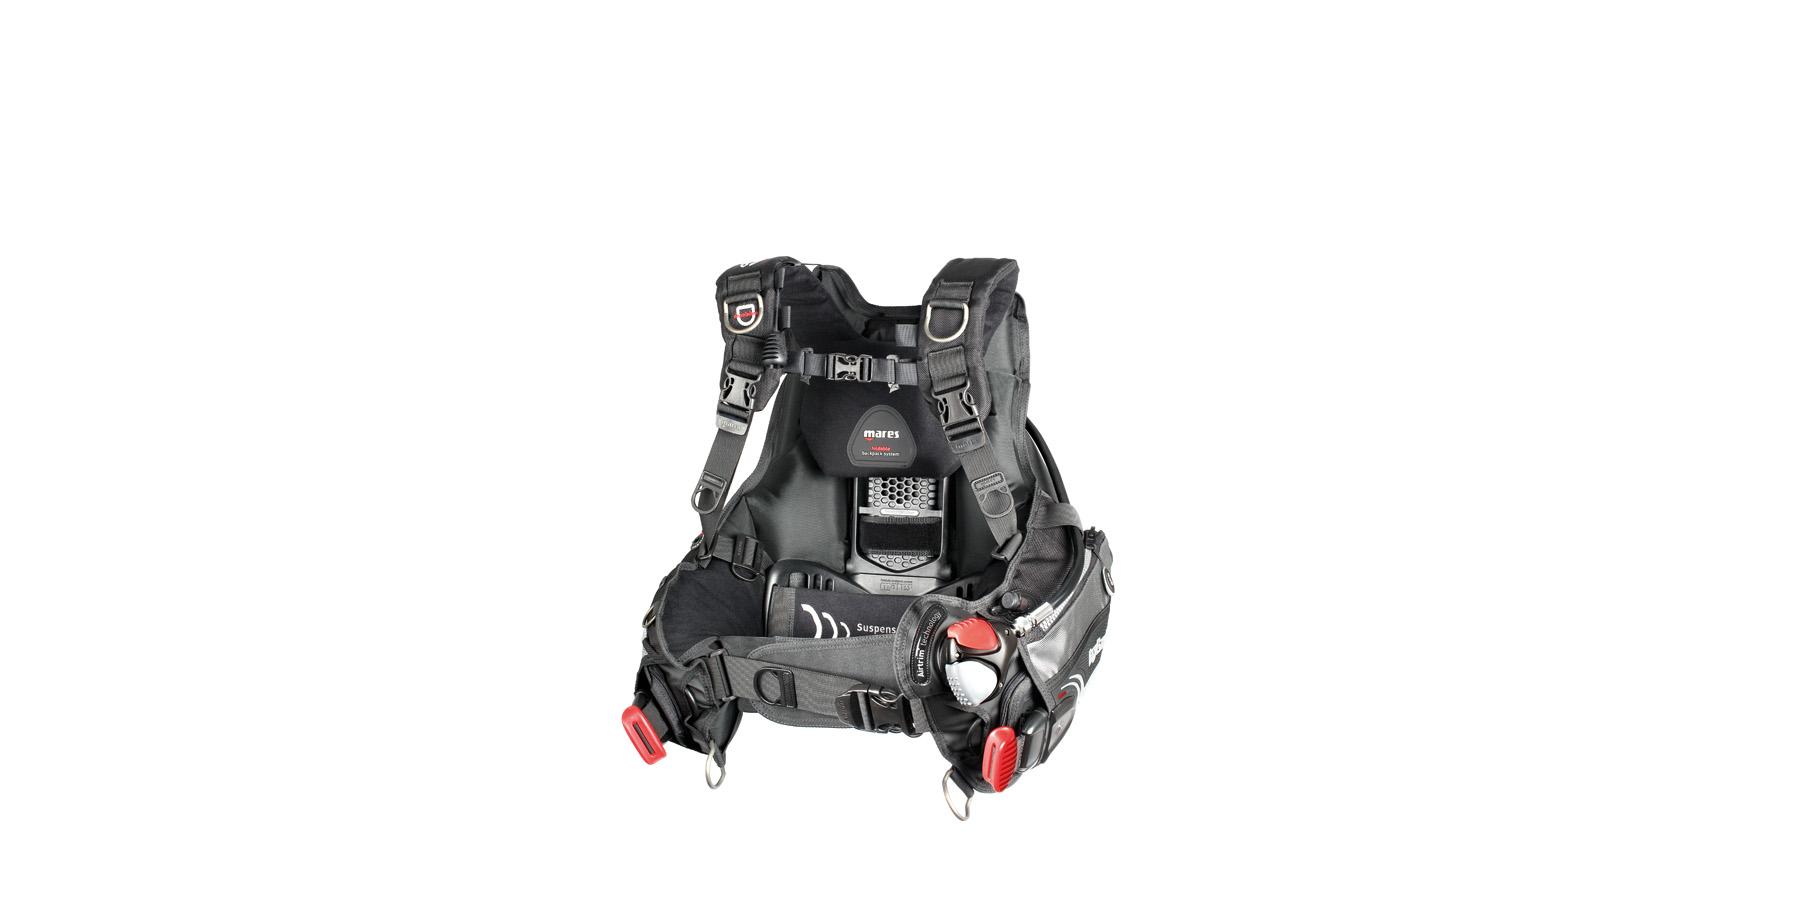 gilet hybrid at mares - Un gilet hybride très confortable conçu comme un sac à dos